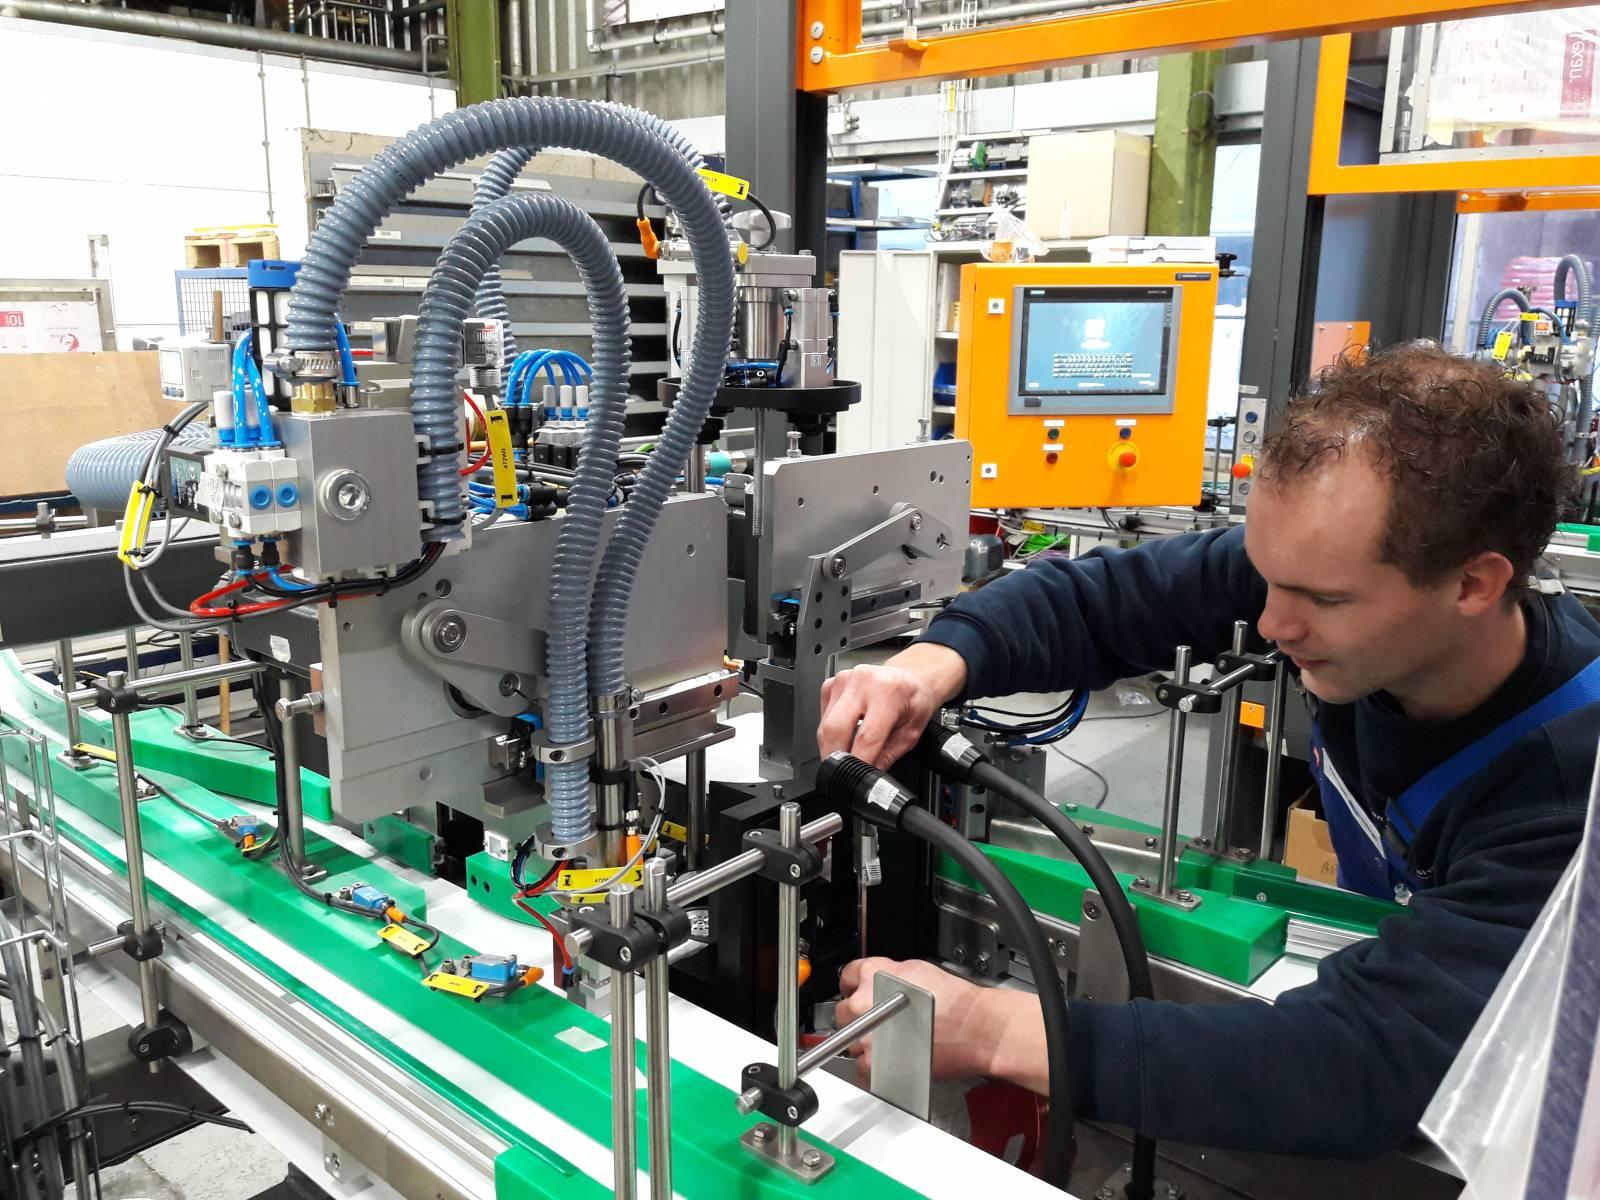 Opbouwen van een laserlasmachine